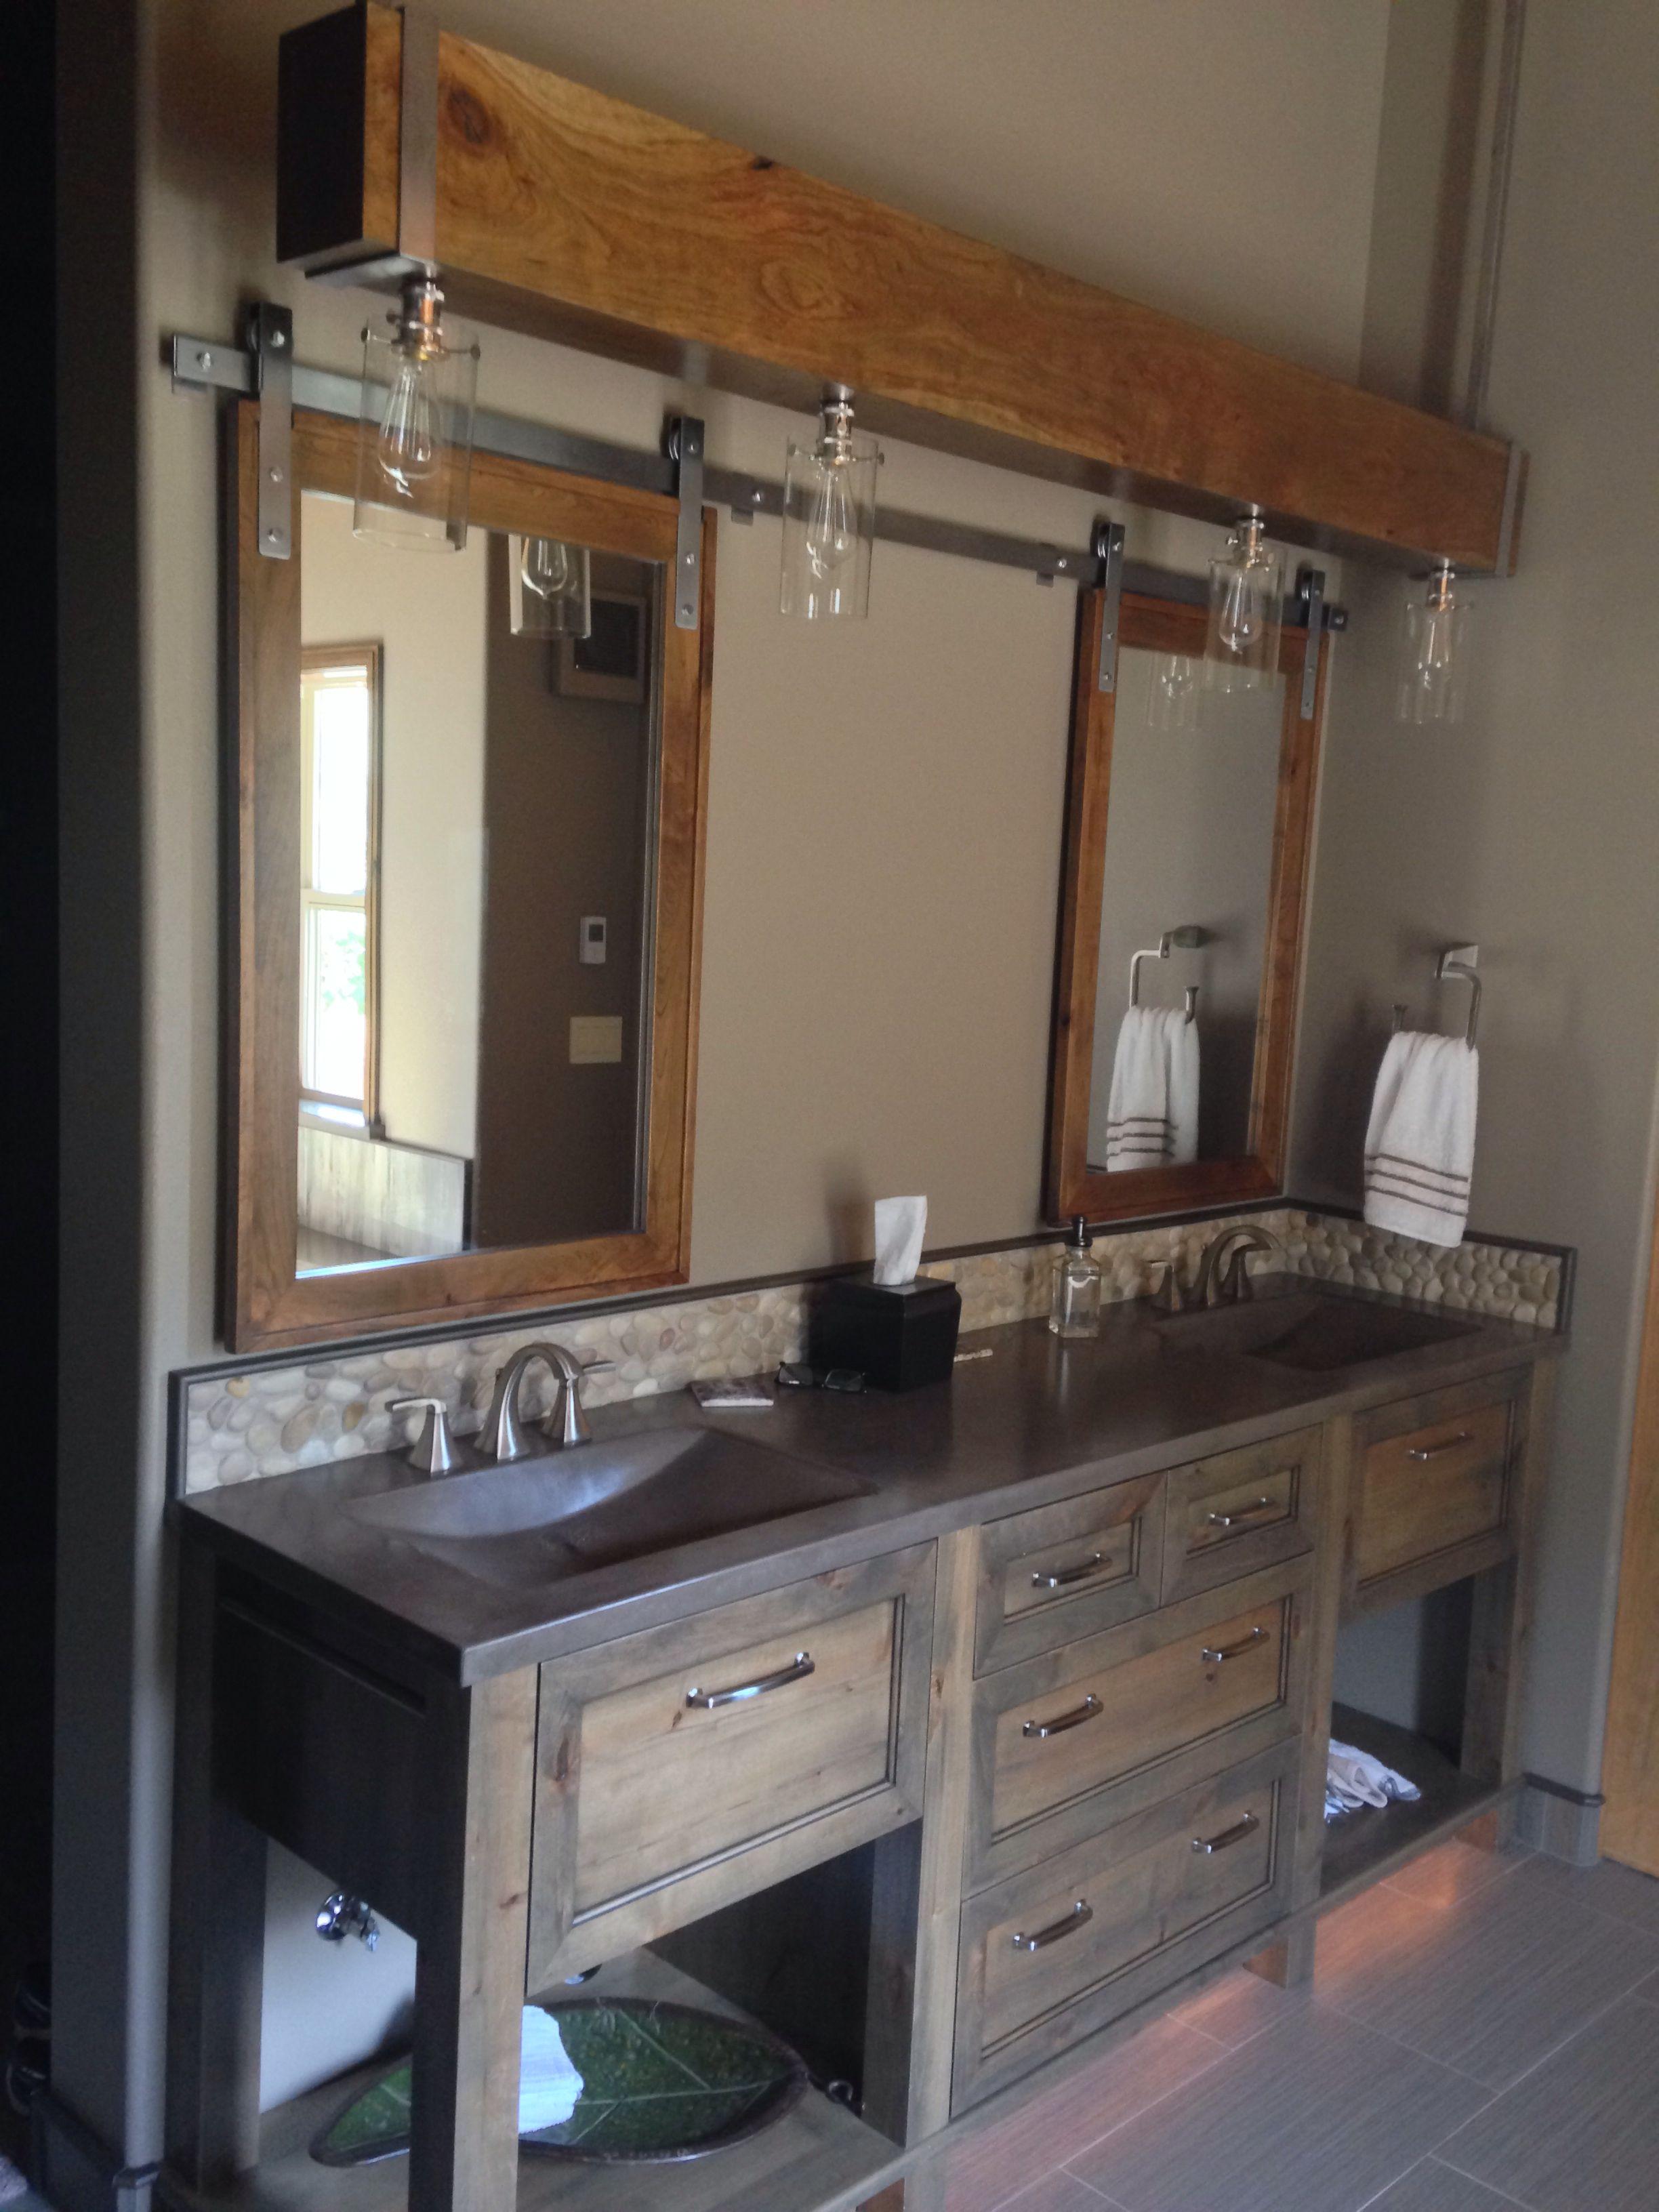 Badezimmer design ideen klein concrete sinks suspended beam lighting barn door medicine cabinets